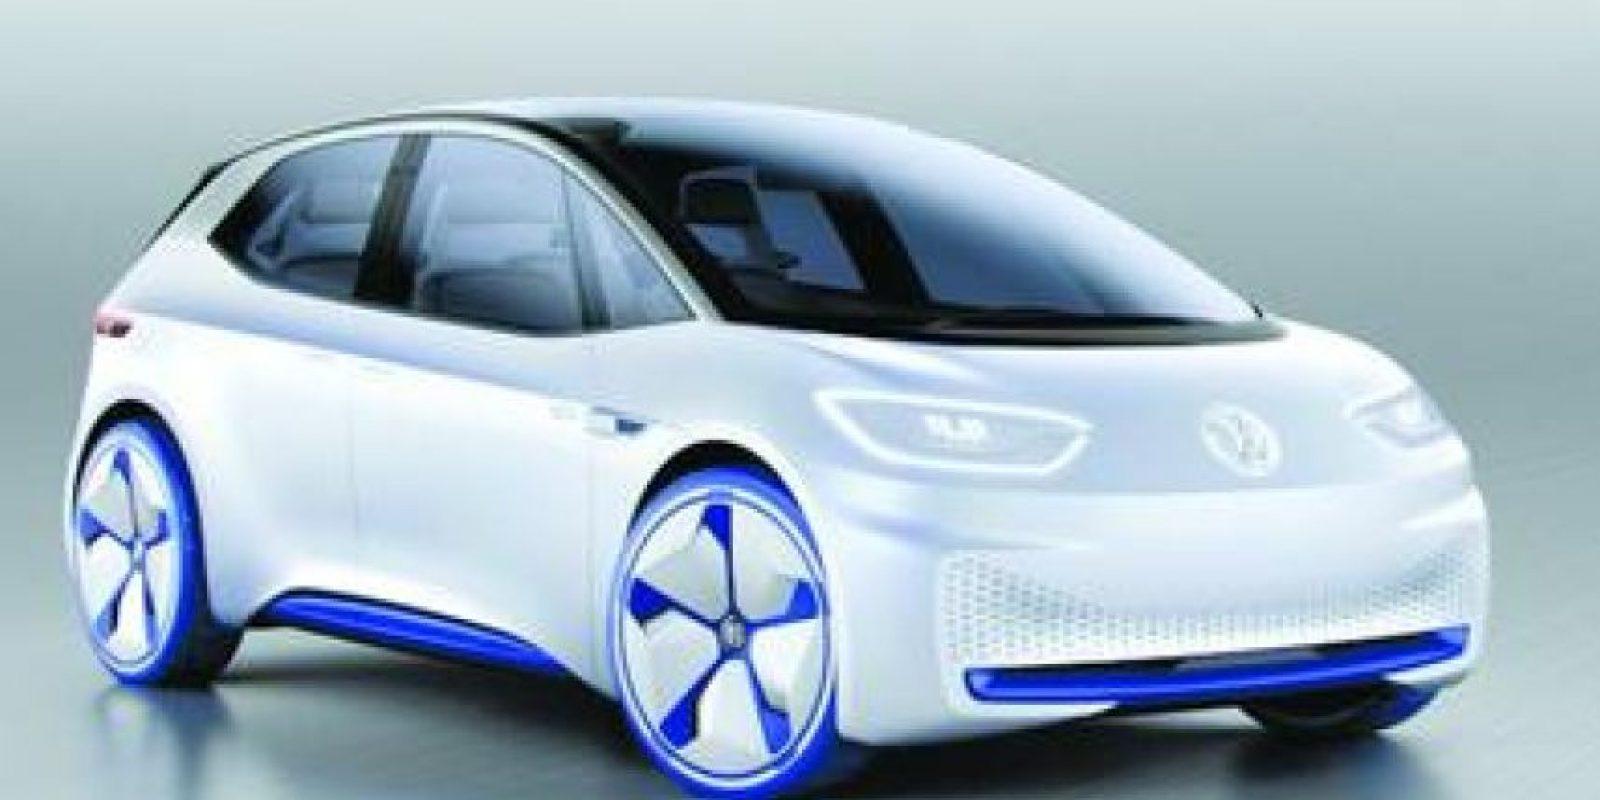 Volkswagen I.D. Prototipo. Un prototipo de cinco puertas que adelanta el aspecto y soluciones tecnológicas que tendrá un modelo de producción que lanzará al mercado en 2020. Está fabricado sobre una nueva plataforma modular, denominada MEB, que será utilizada en una futura gama de vehículos eléctricos.Se mueve gracias a un motor eléctrico de 170 caballos de potencia y puede recorrer entre 400 y 600 kilómetros con una sola carga. También puede circular de forma autónoma, así como recibir mensajería (programa Delivery Service) cuando el destinatario no se encuentra en su domicilio. Foto:Metro